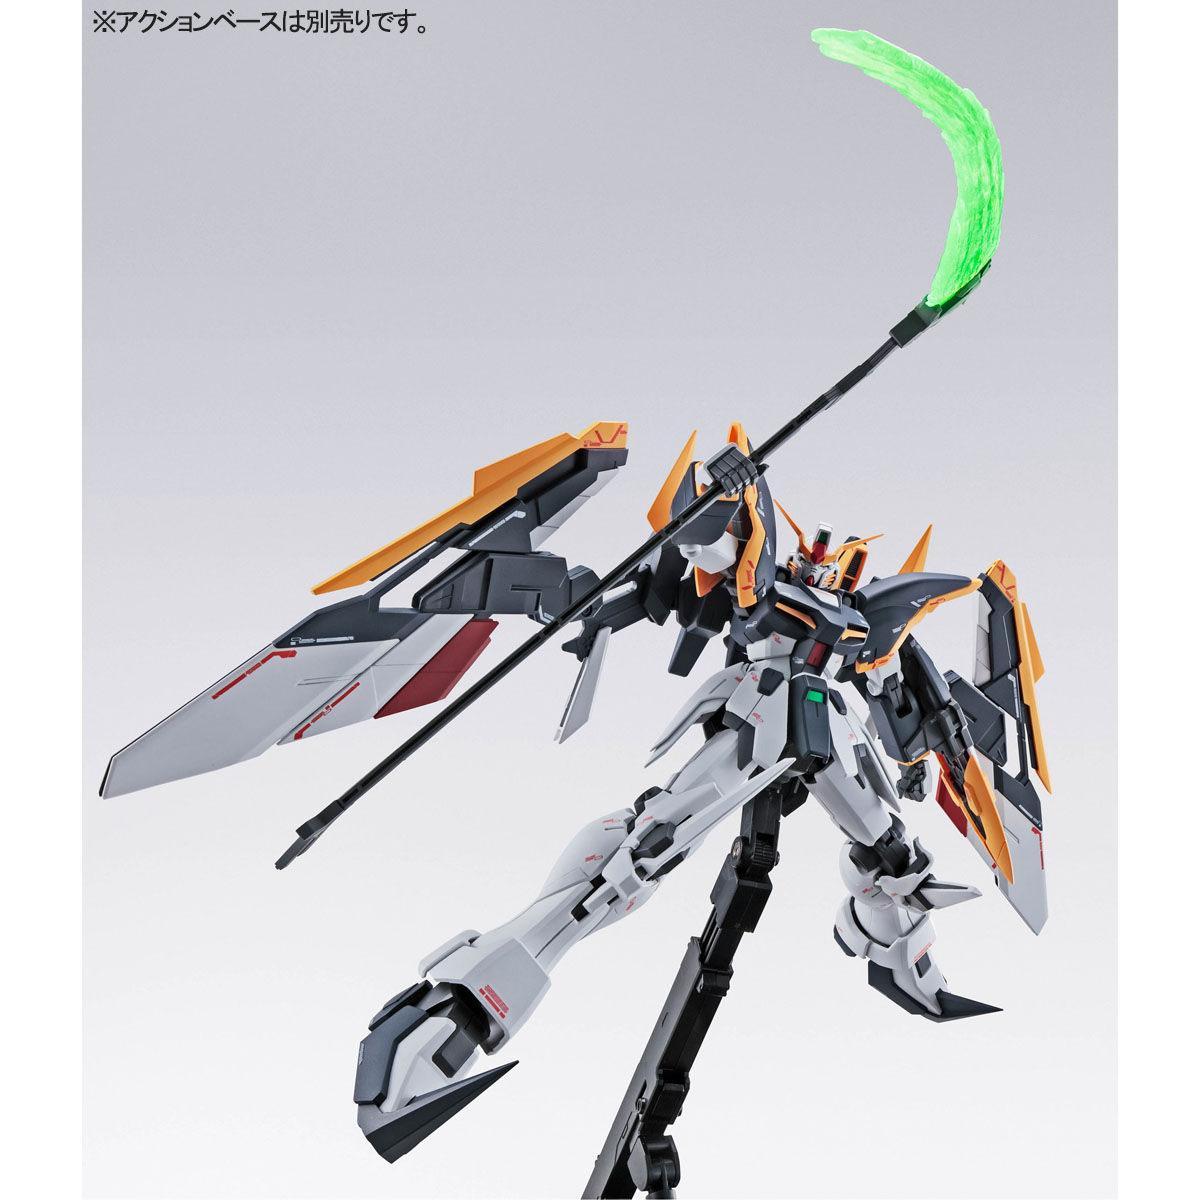 【限定販売】MG 1/100『ガンダムデスサイズ EW(ルーセット装備)』ガンダムW プラモデル-006